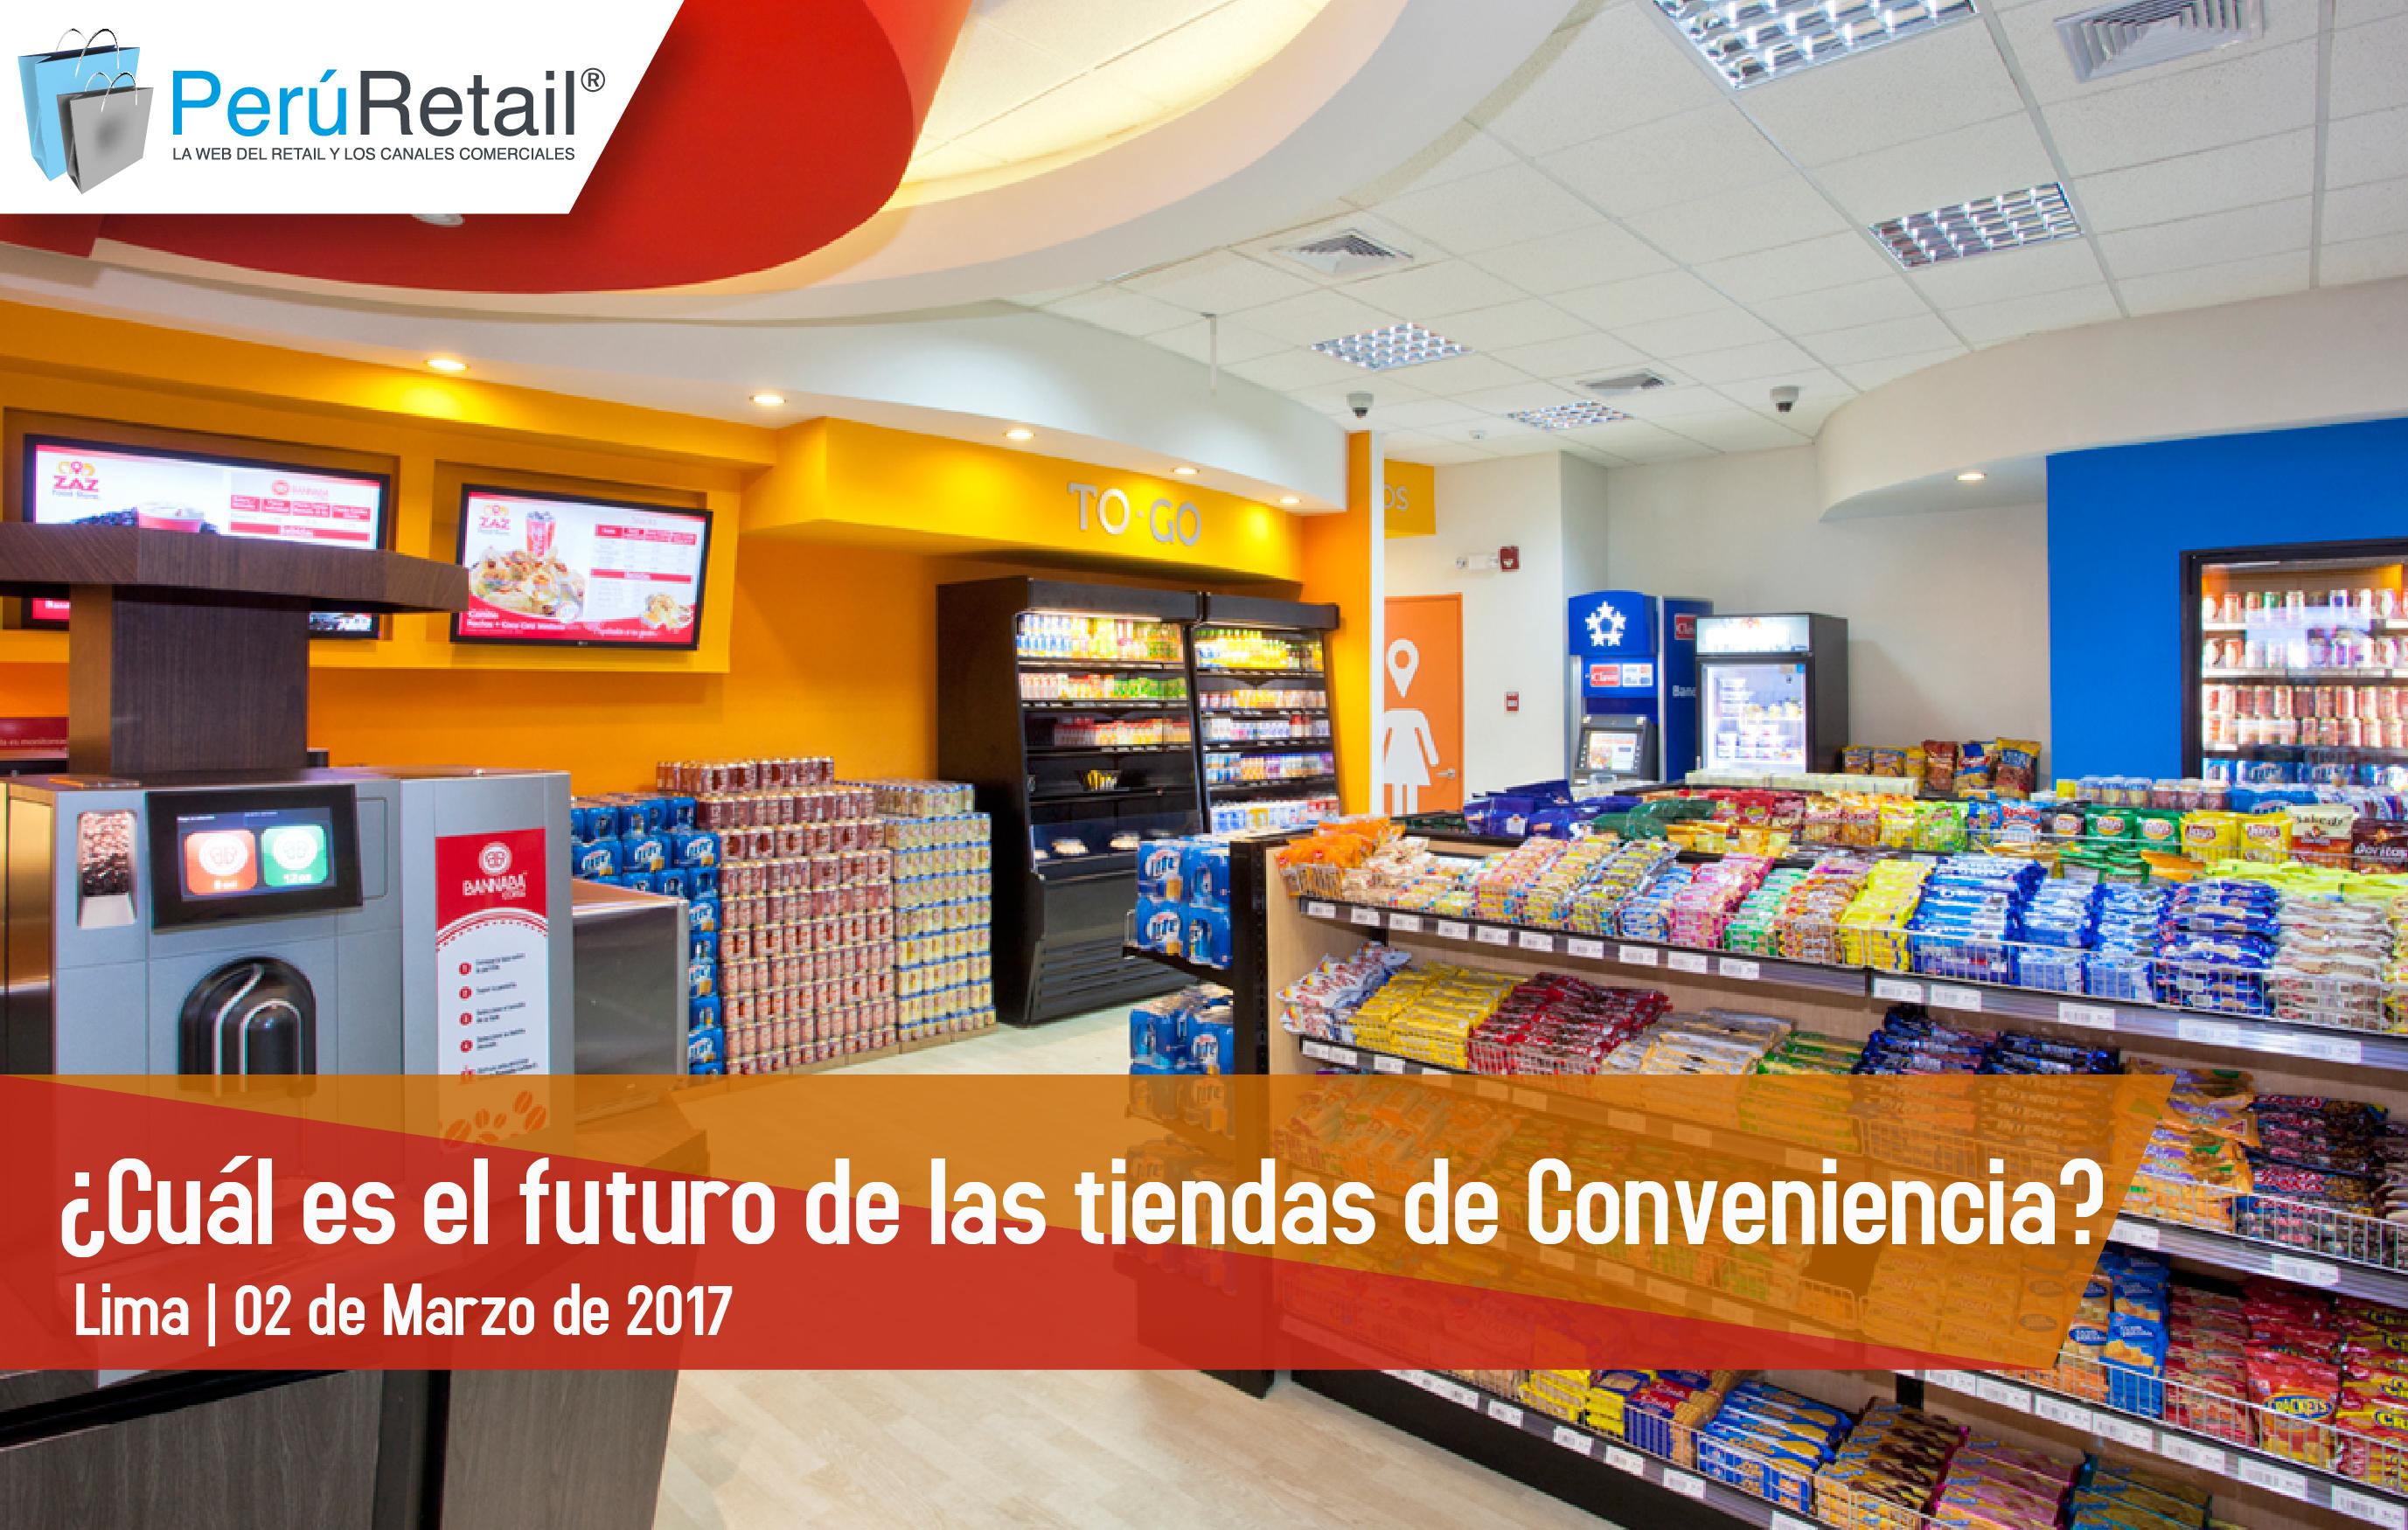 Fotografía Publicidad El Futuro De Los Deportes: ¿Cuál Es El Futuro De Las Tiendas De Conveniencia